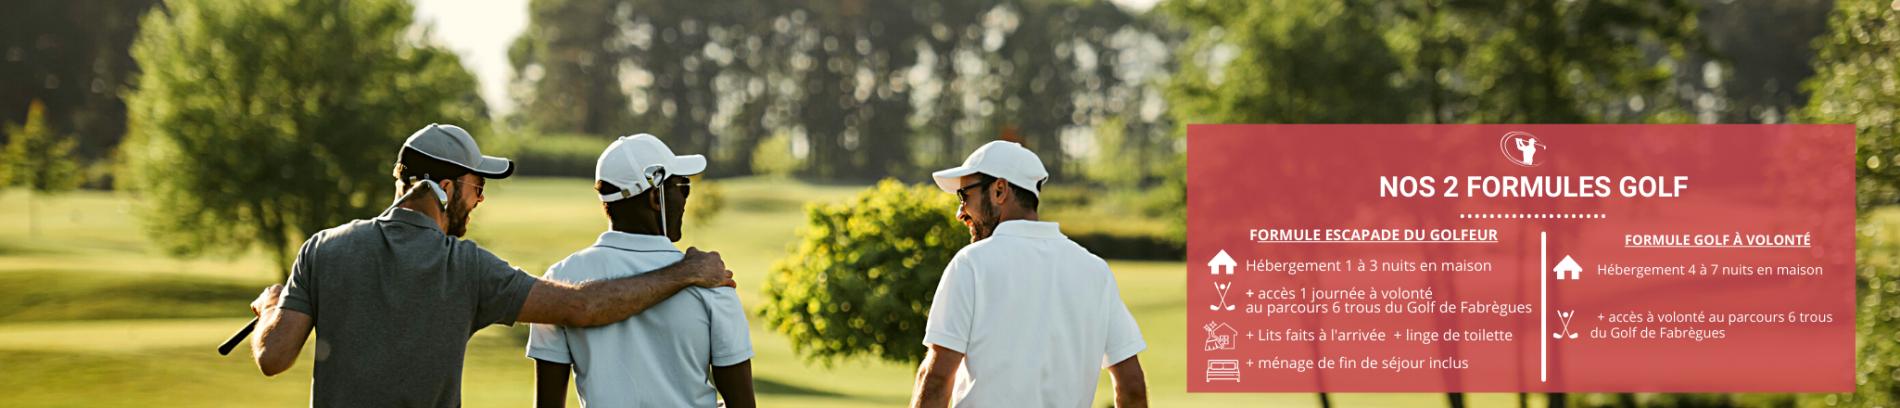 Slide Formule Golf au Domaine du Golf - Fabrègues